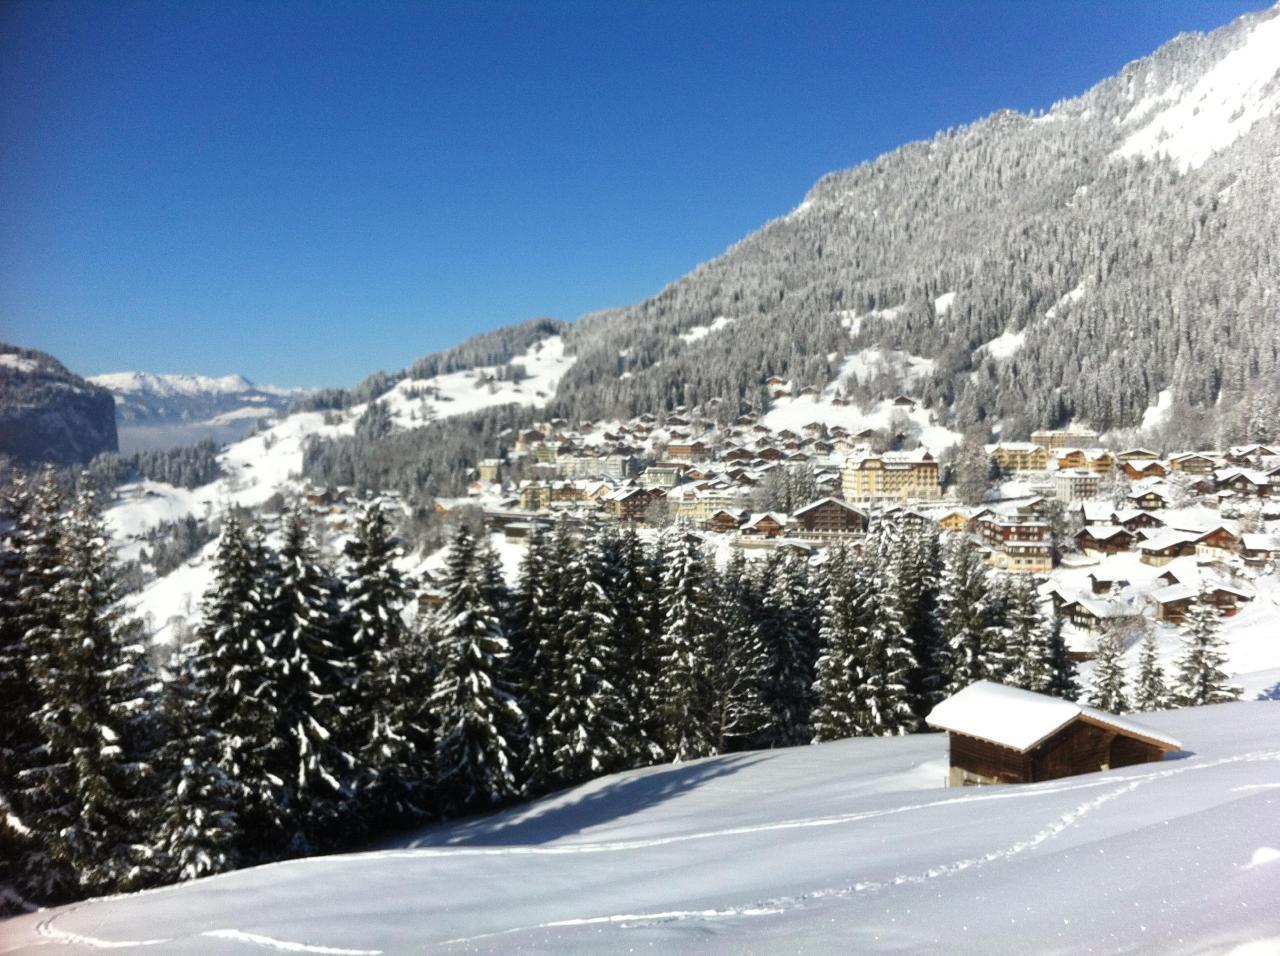 Appartement de vacances Birkli 2, 2 Bett Wohnung (2691724), Wengen, Région de la Jungfrau, Oberland bernois, Suisse, image 17